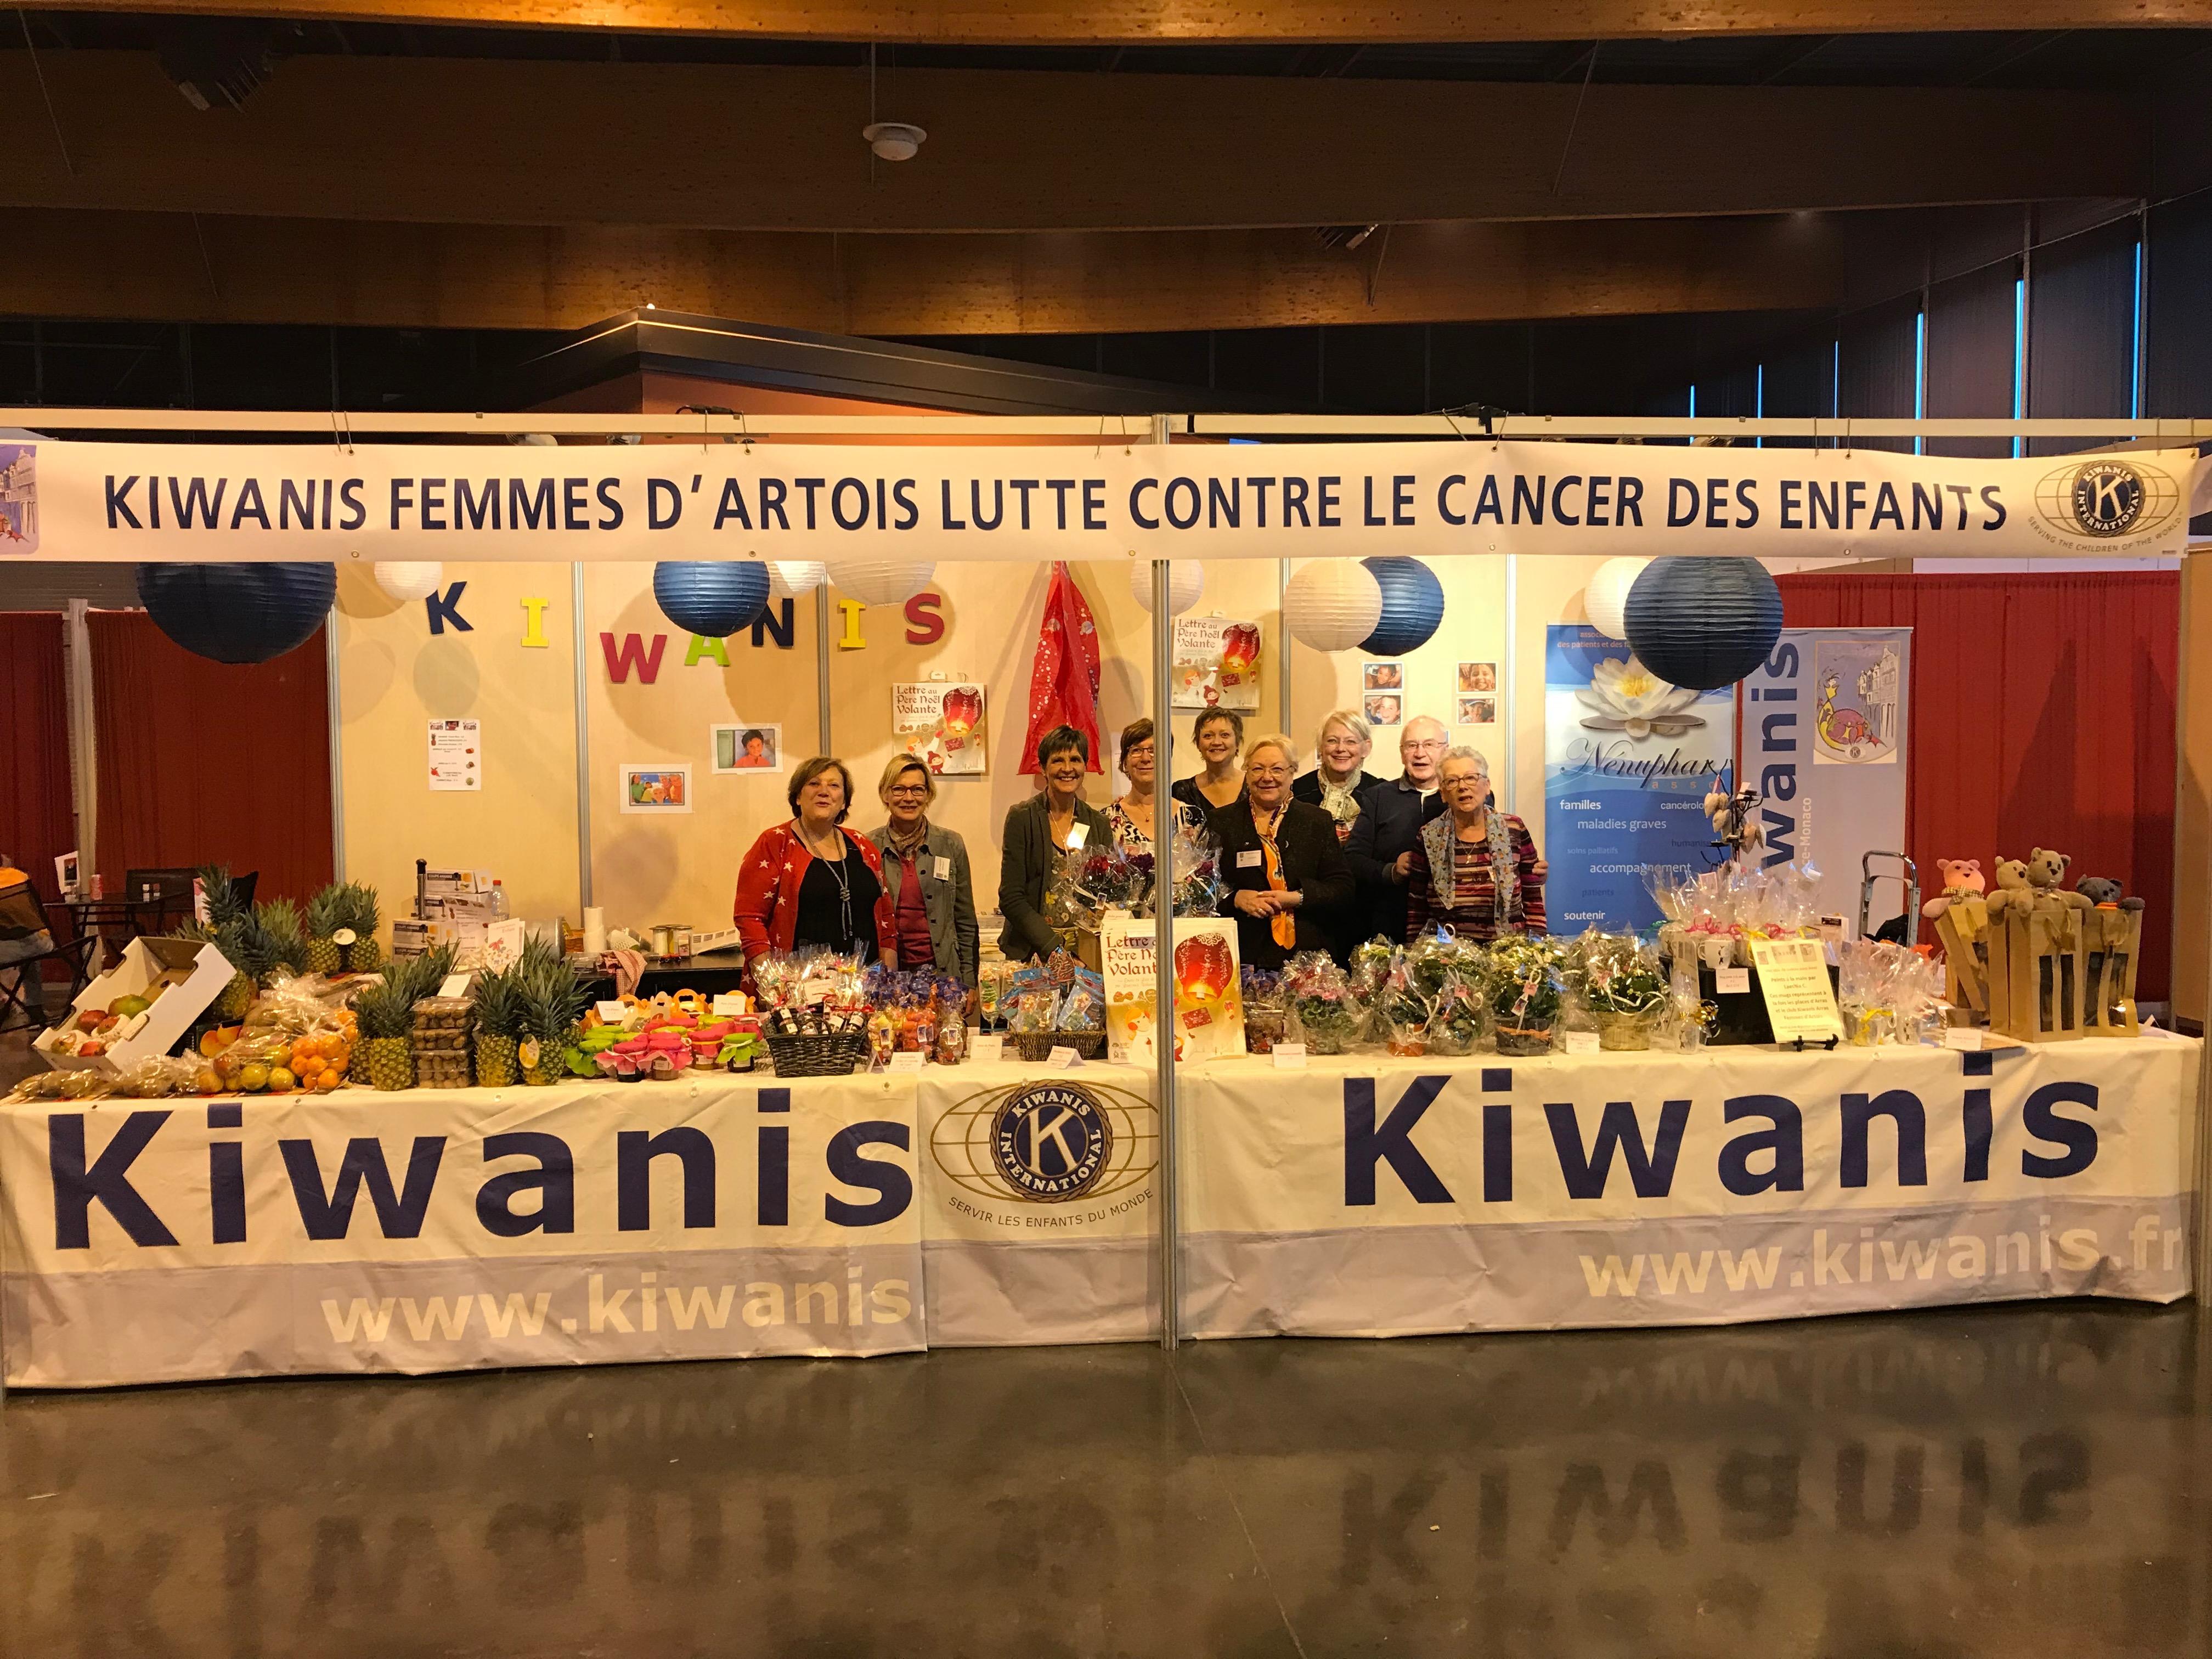 Lettre Au Pere Noel Volante.Salon Des Saveurs Au Profit Du Cancer Des Enfants Kiwanis